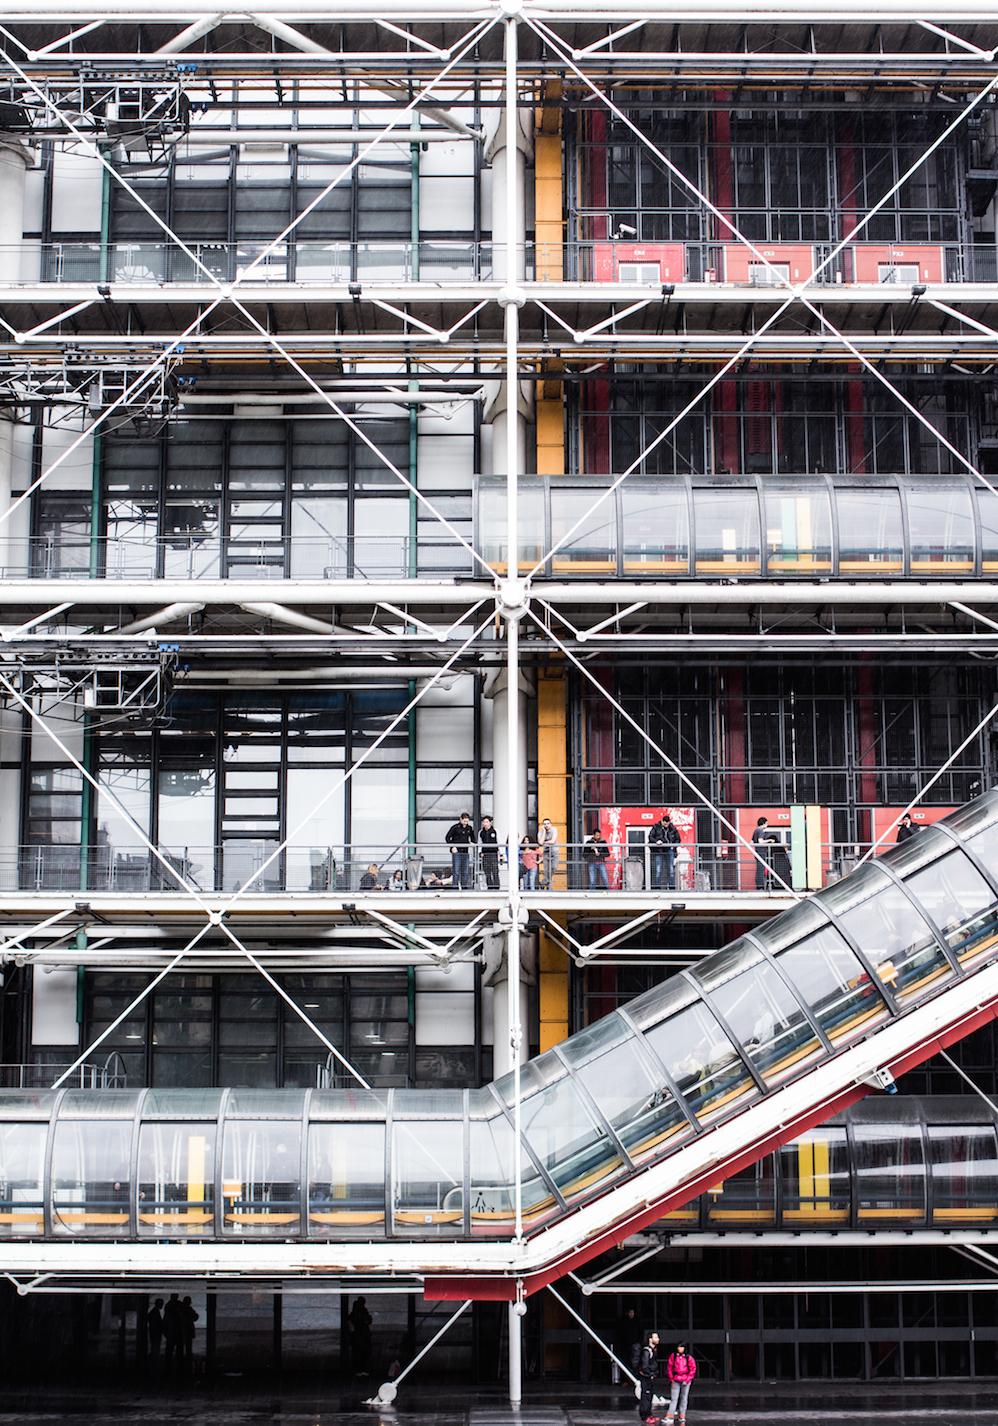 Rue-Rodier-Pompidou4